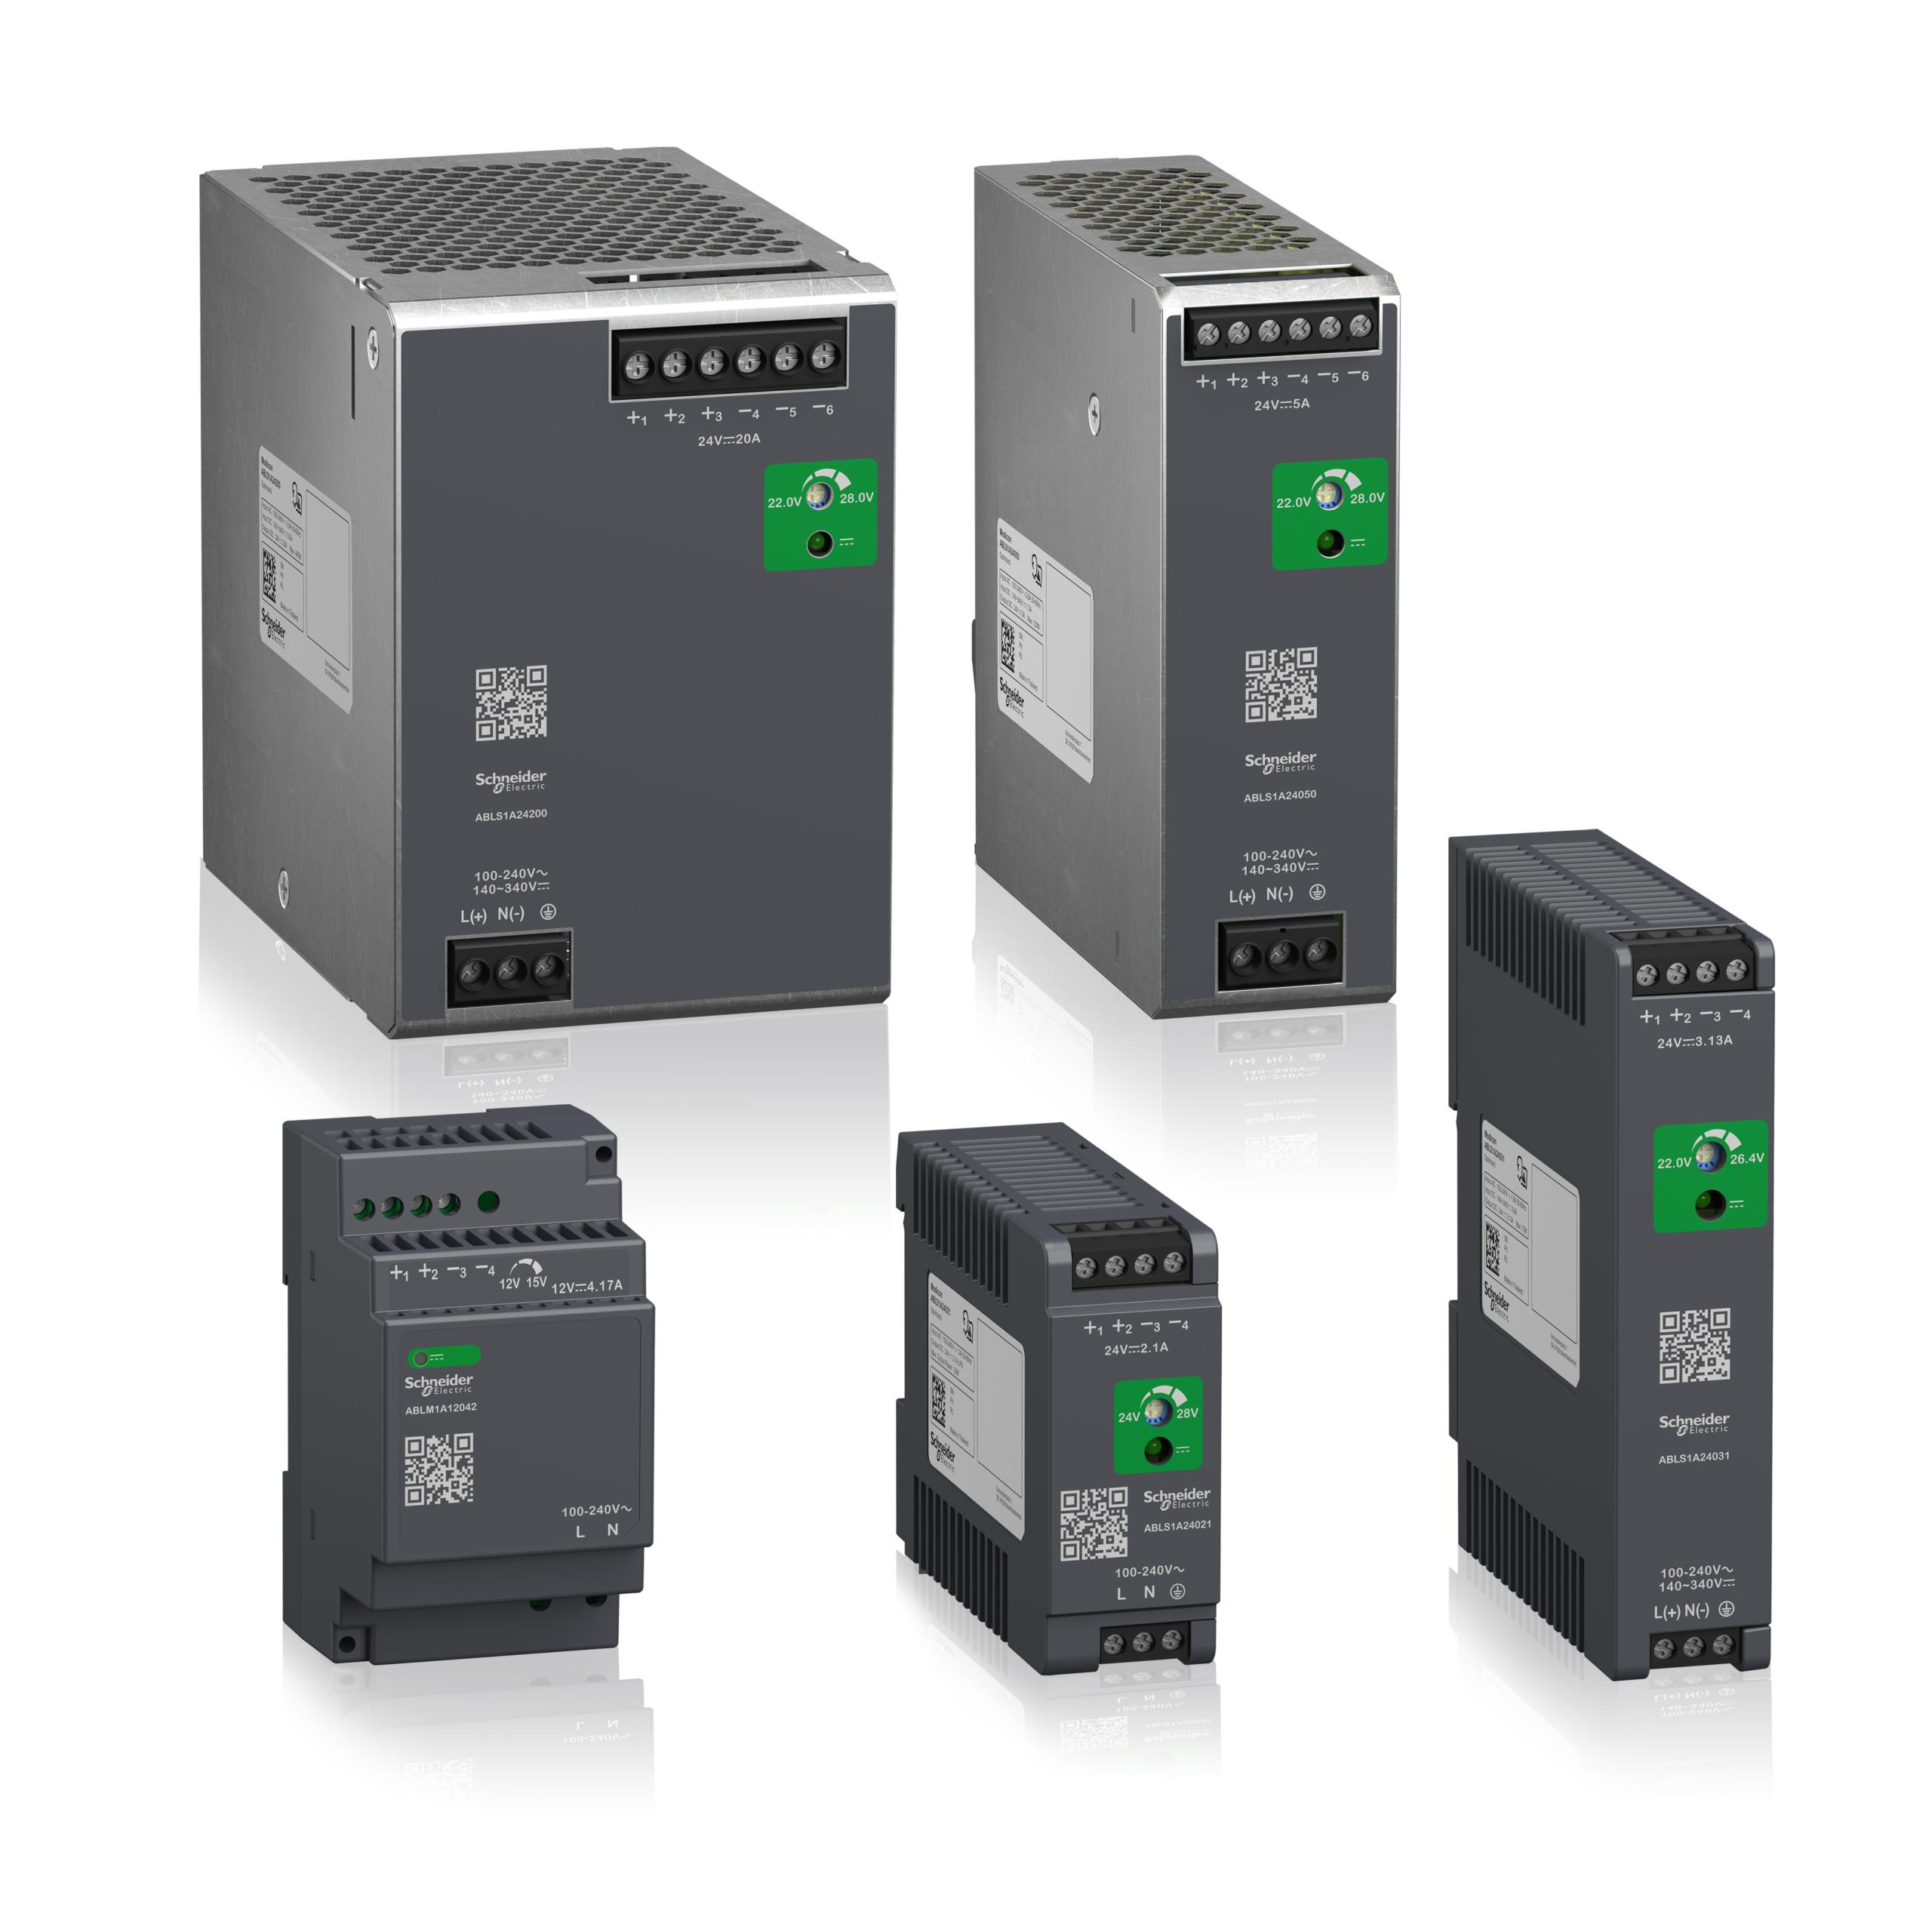 Modicon Power Supply: En stærk kombination af høj kvalitet, kompakt design og høj ydelse